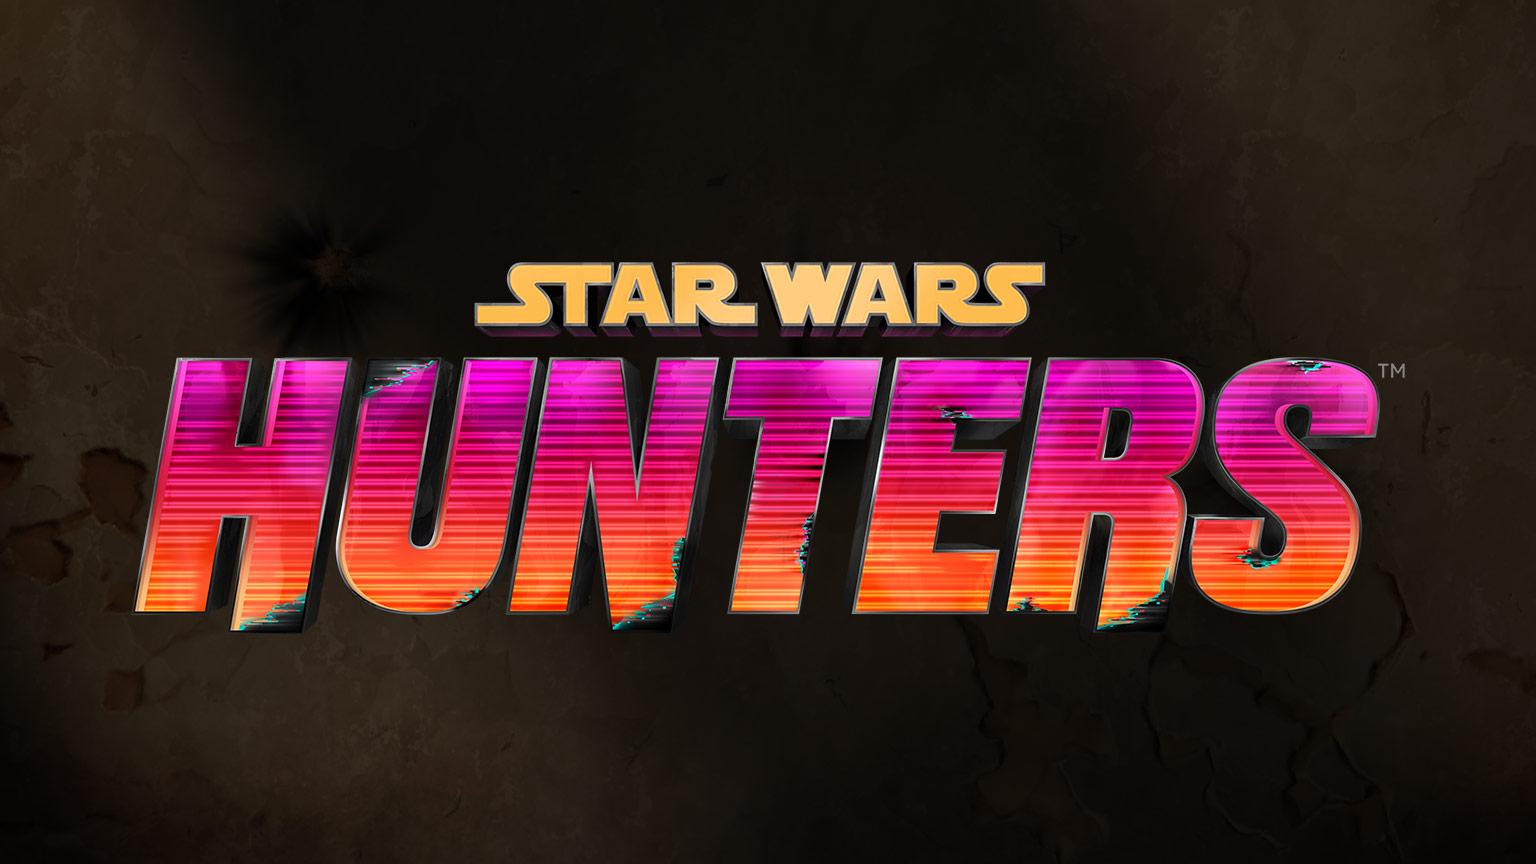 star warshunters logo TALL 329797y56